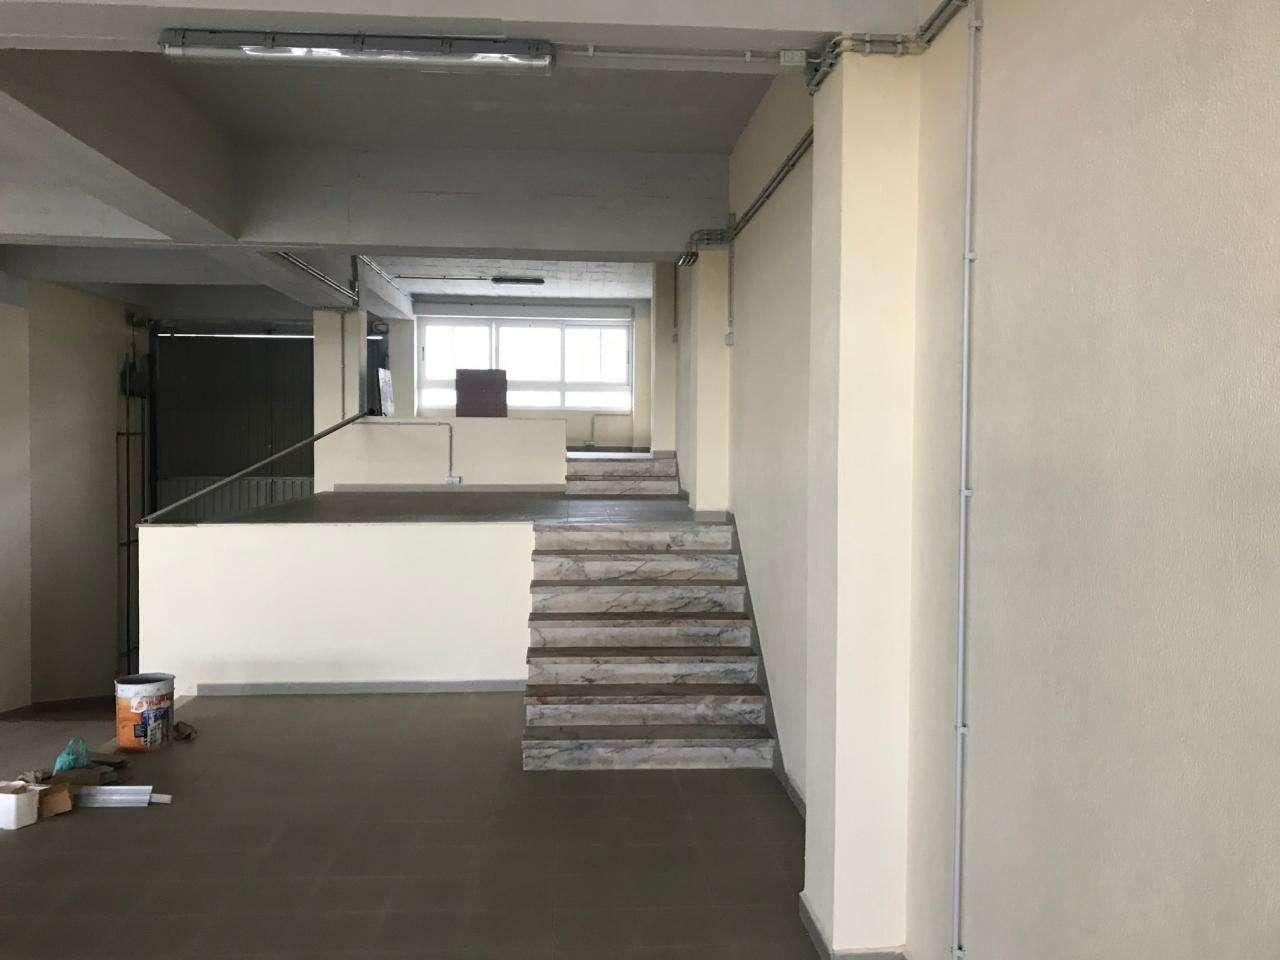 Armazém para arrendar, Rua Alto de São Lourenço - Bairro Alto de São Lourenço, Santa Iria de Azoia, São João da Talha e Bobadela - Foto 10